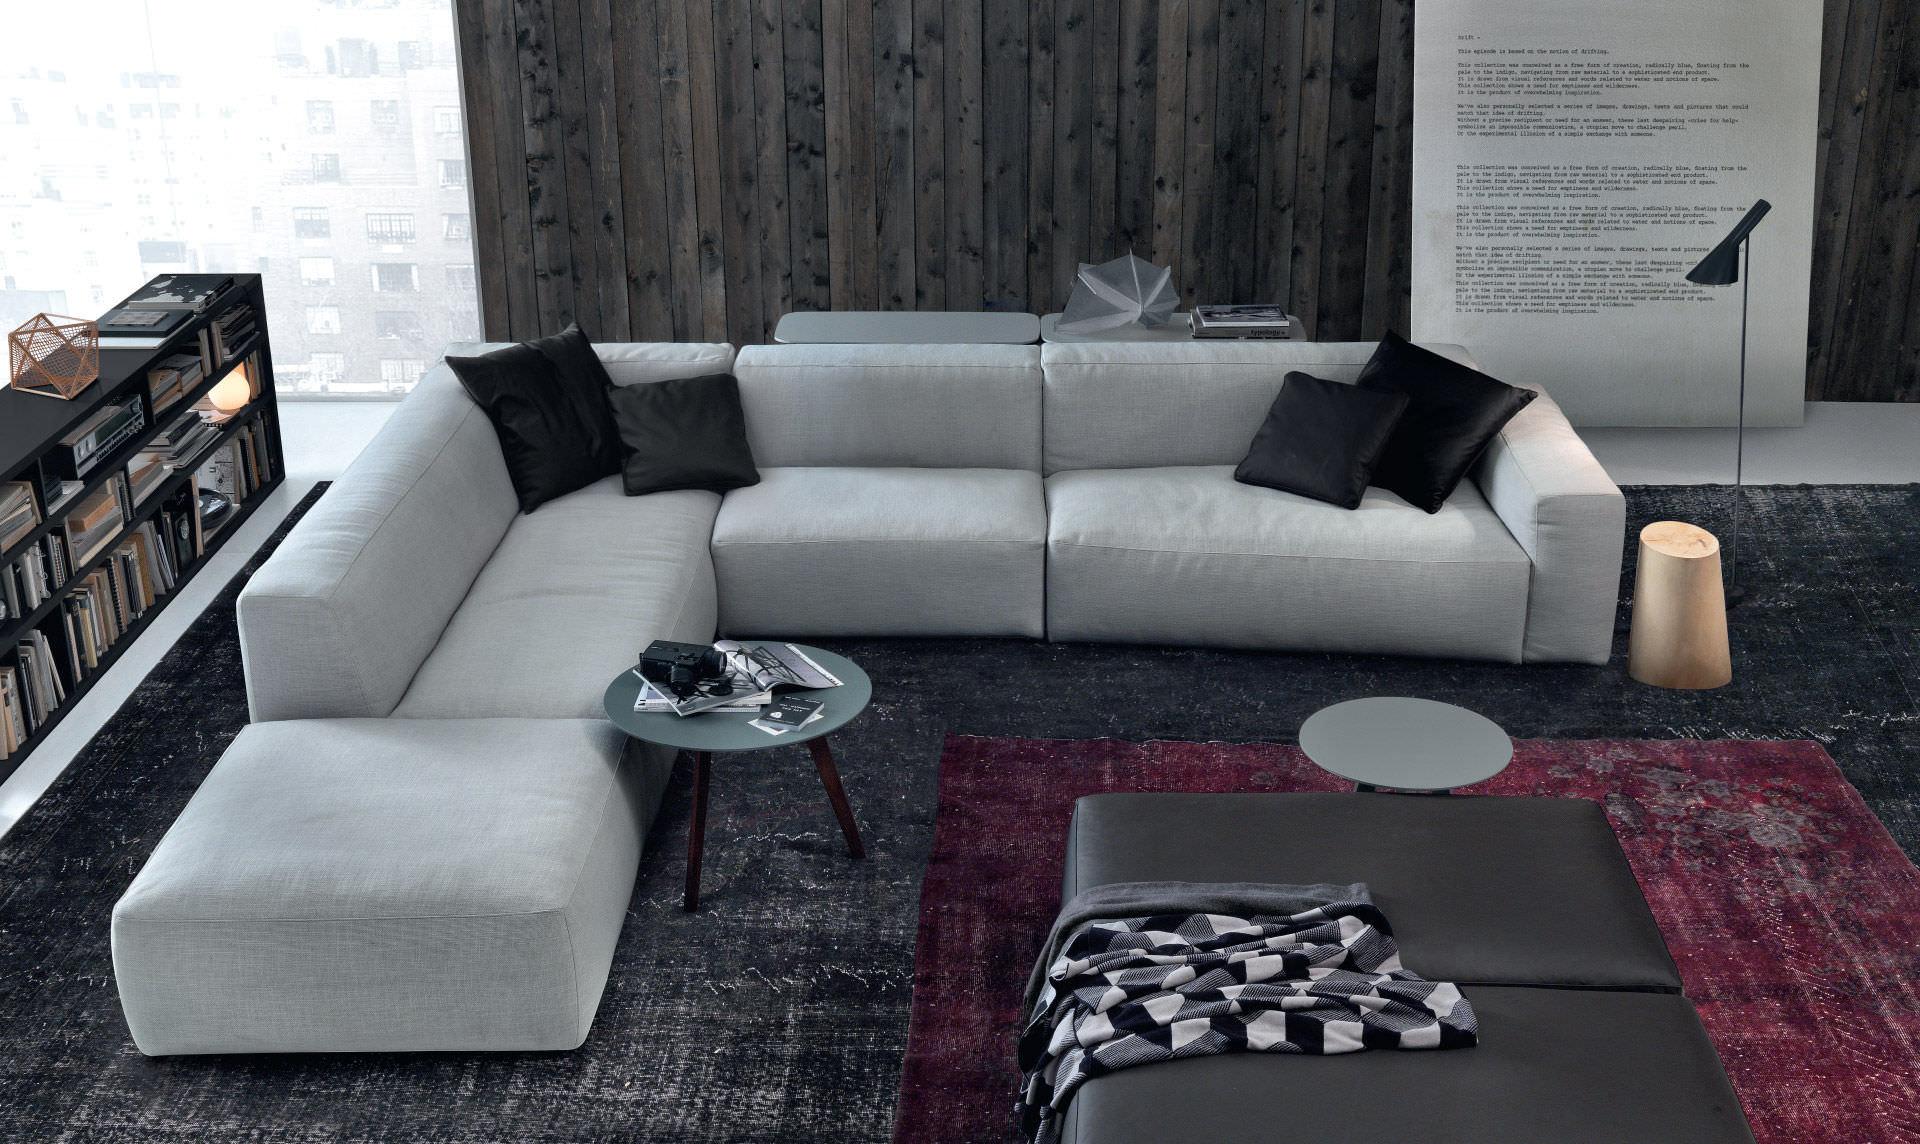 Яркий мягкий угловой диван в интерьере